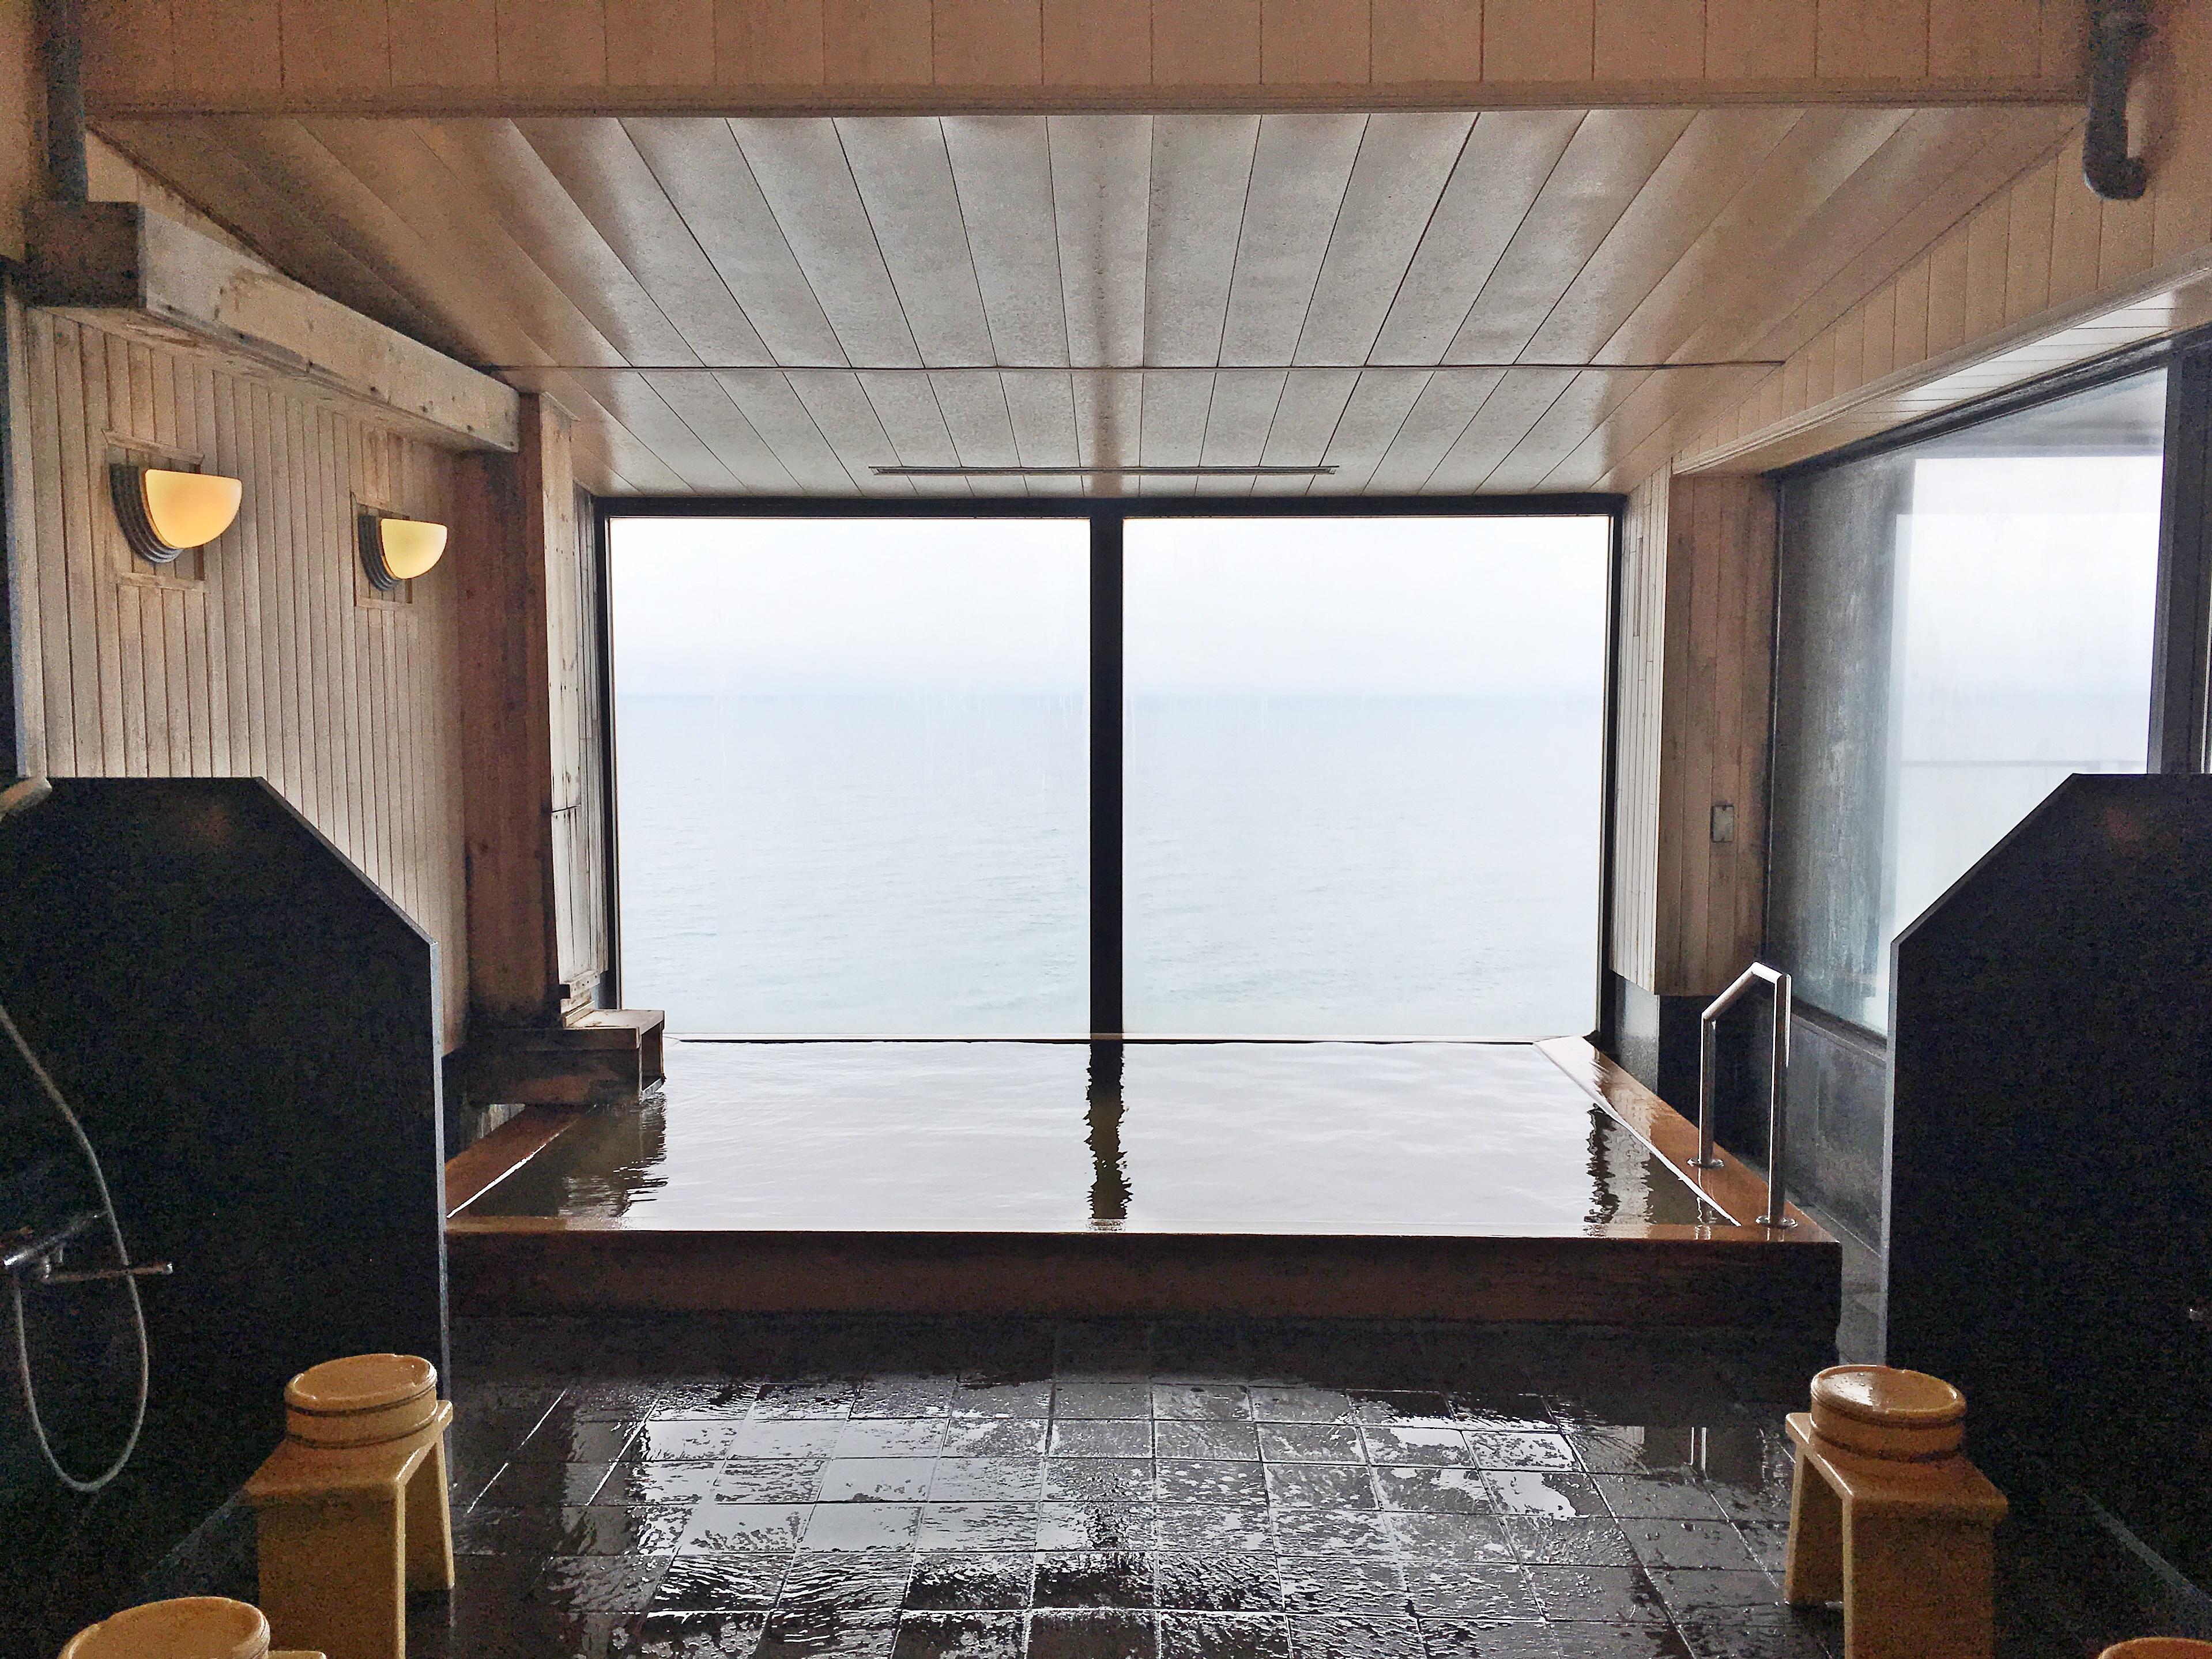 イマジン ホテル&リゾート 函館 うすけしの湯 内湯.JPG